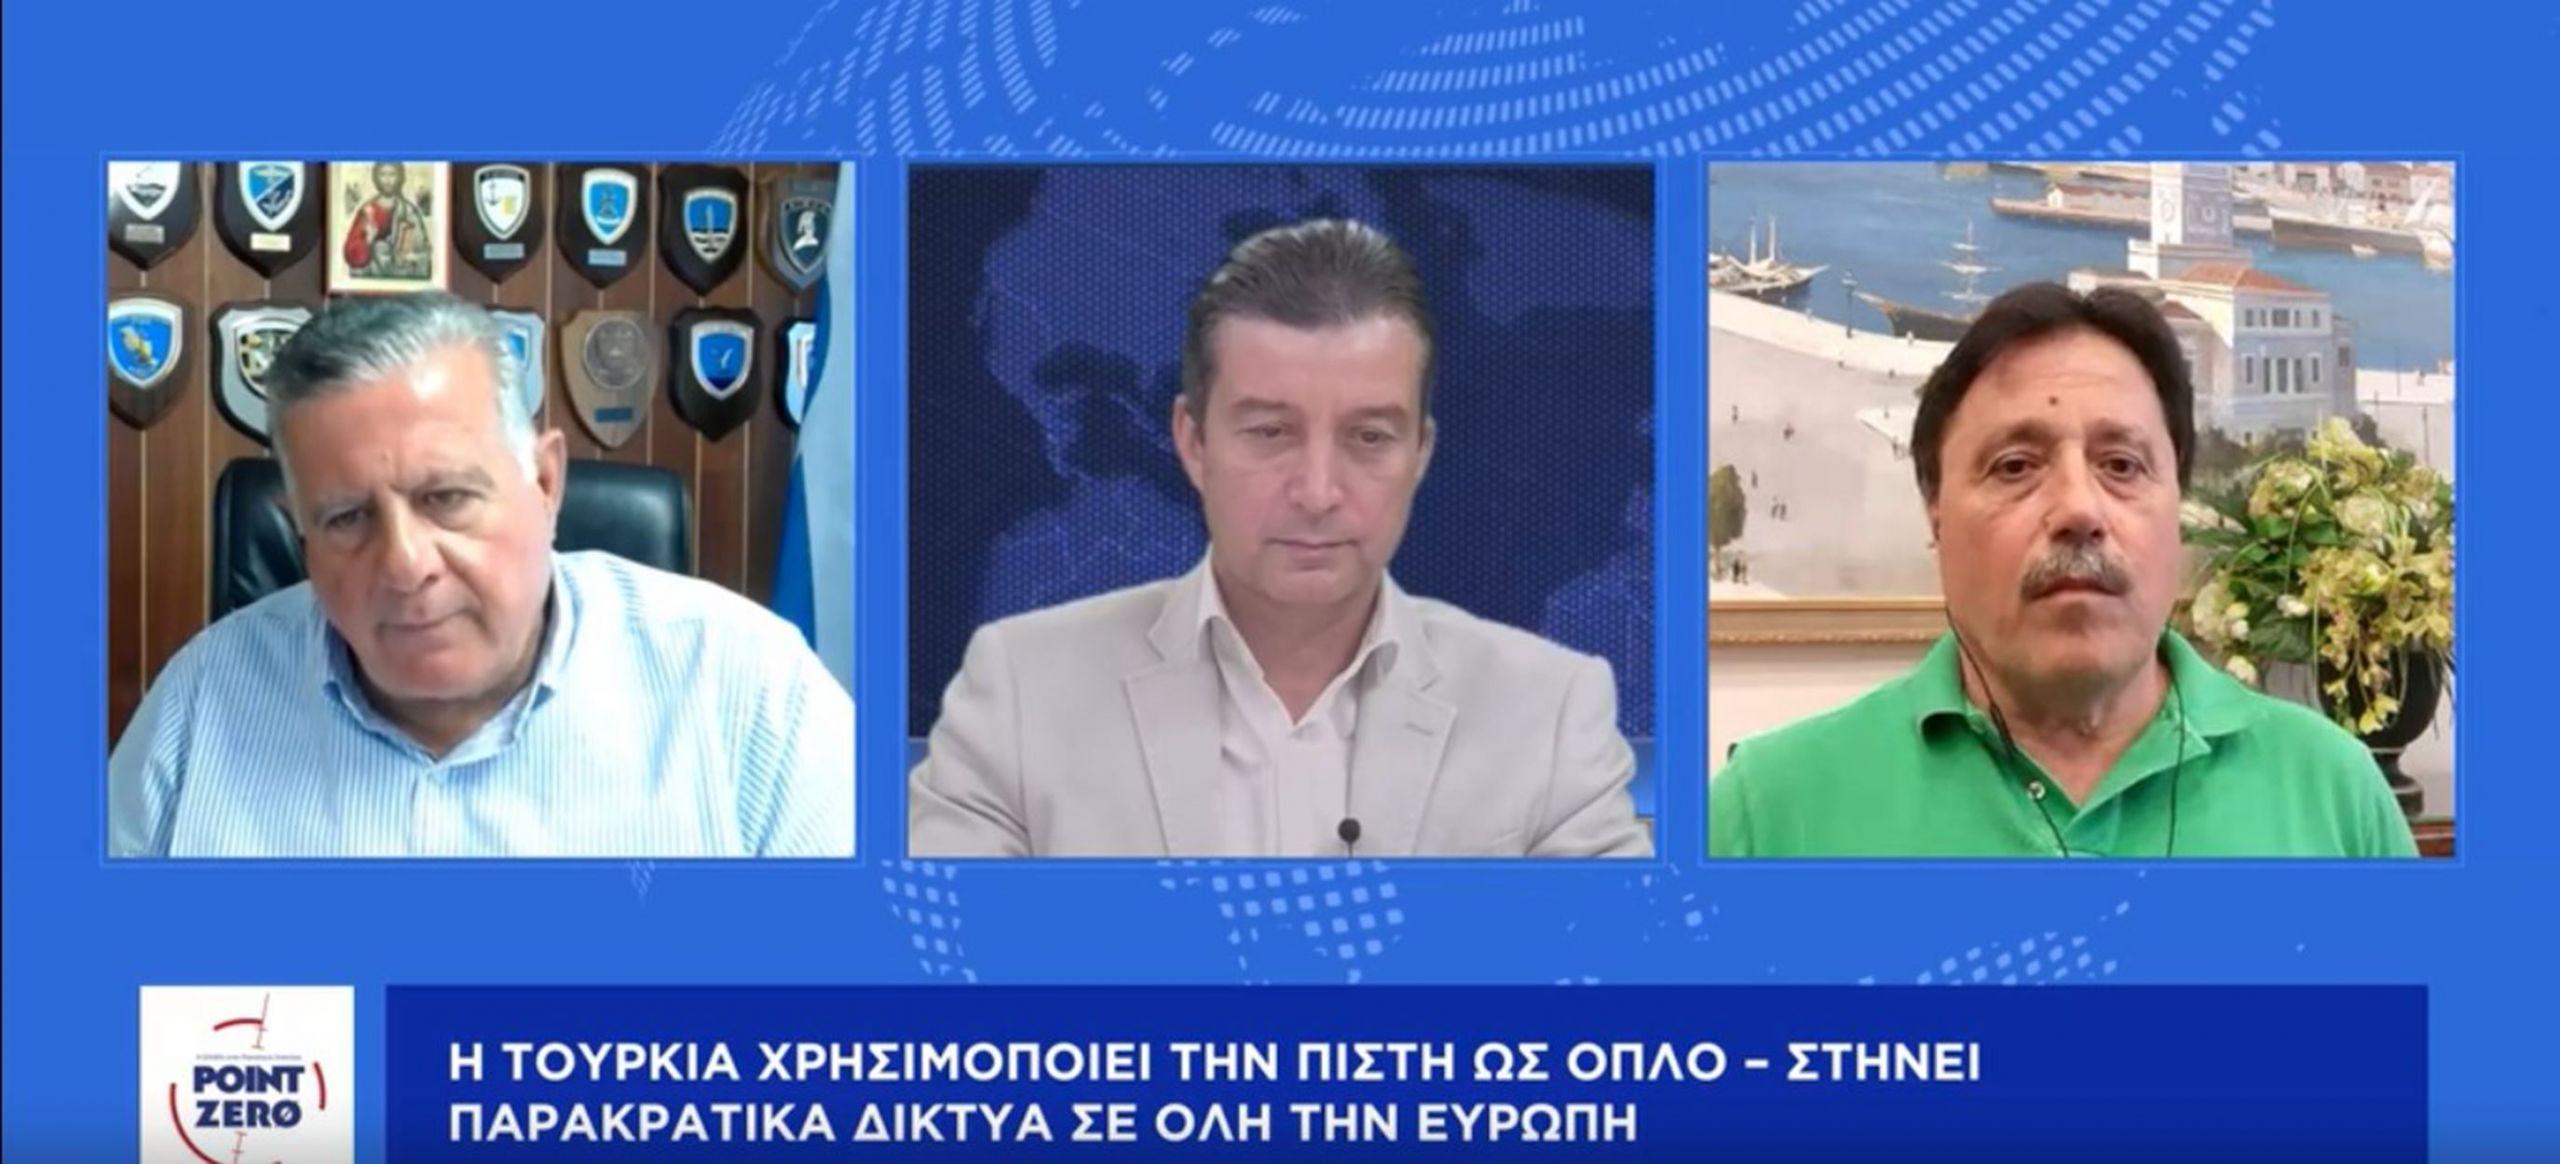 Σ. Καλεντερίδης-Β. Πολίτης στο pagenews.gr